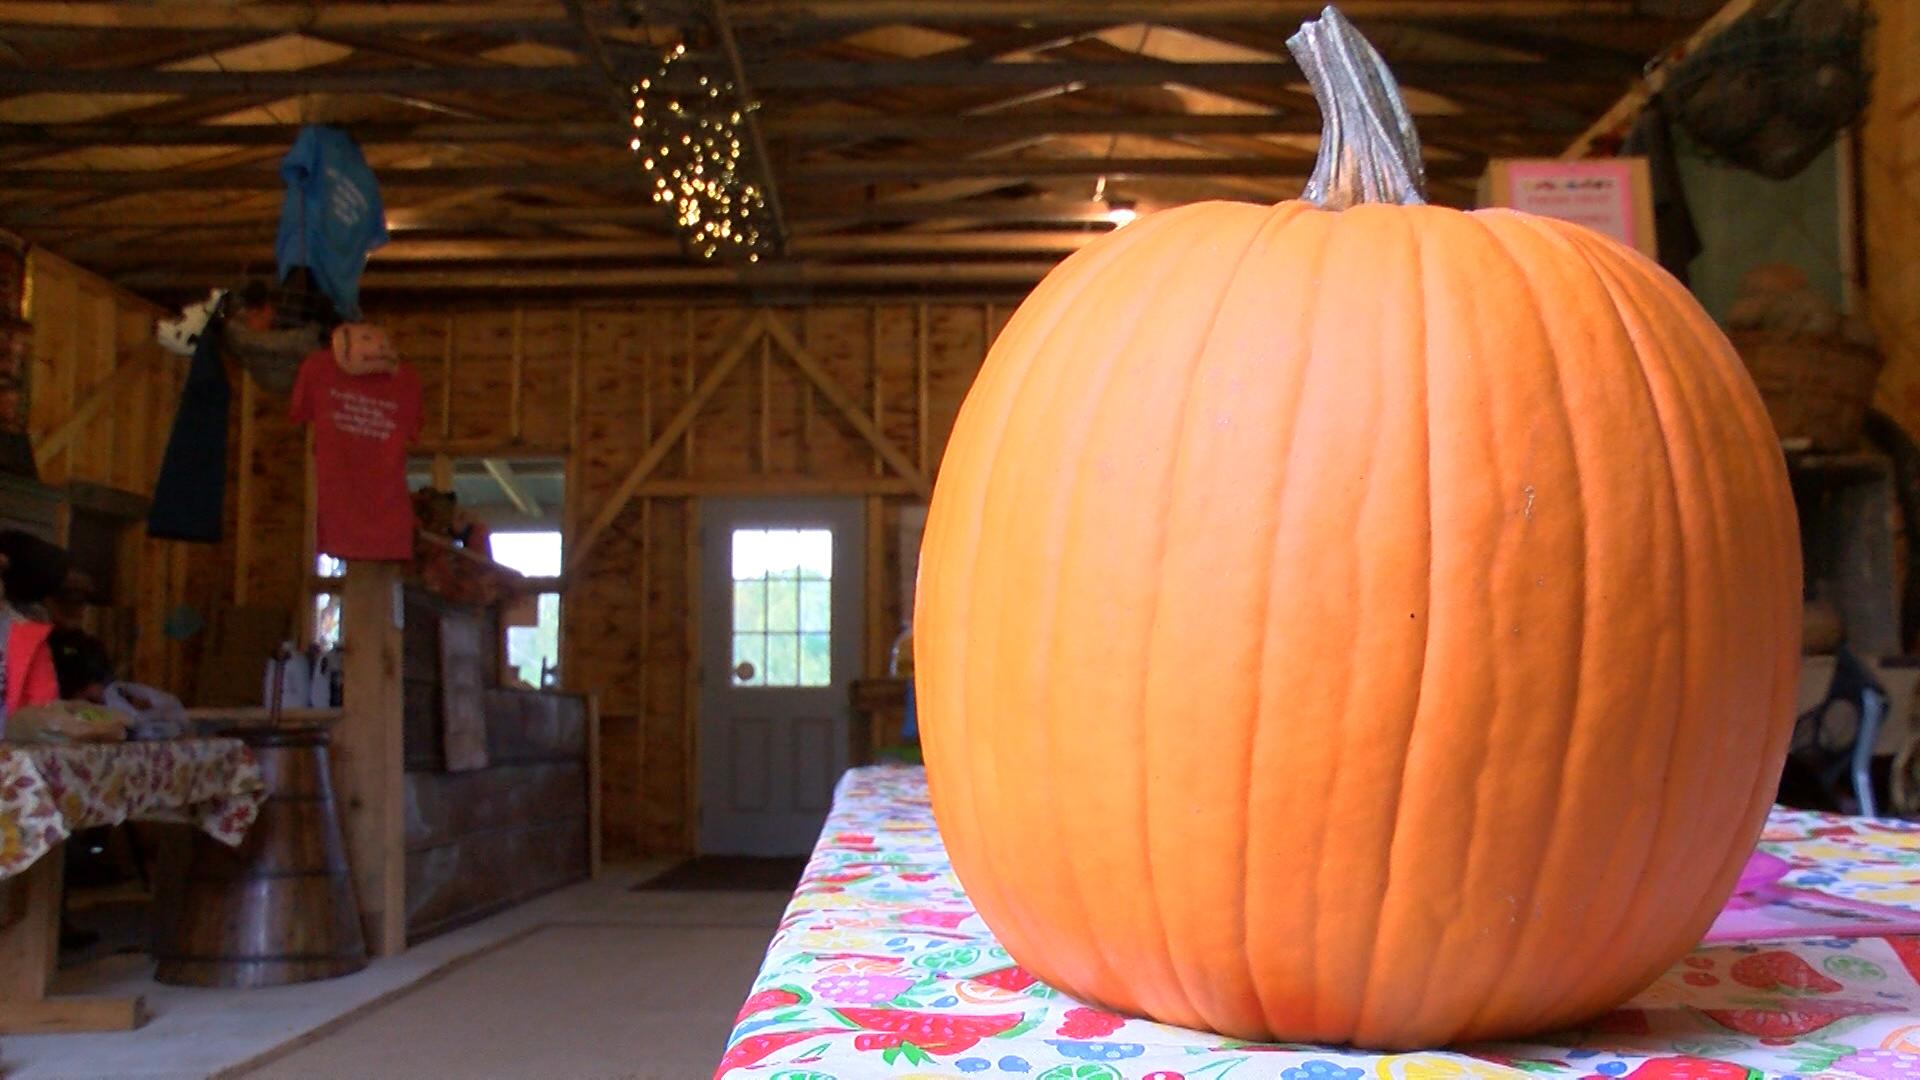 Pumpkins 1_1508112932518.jpg